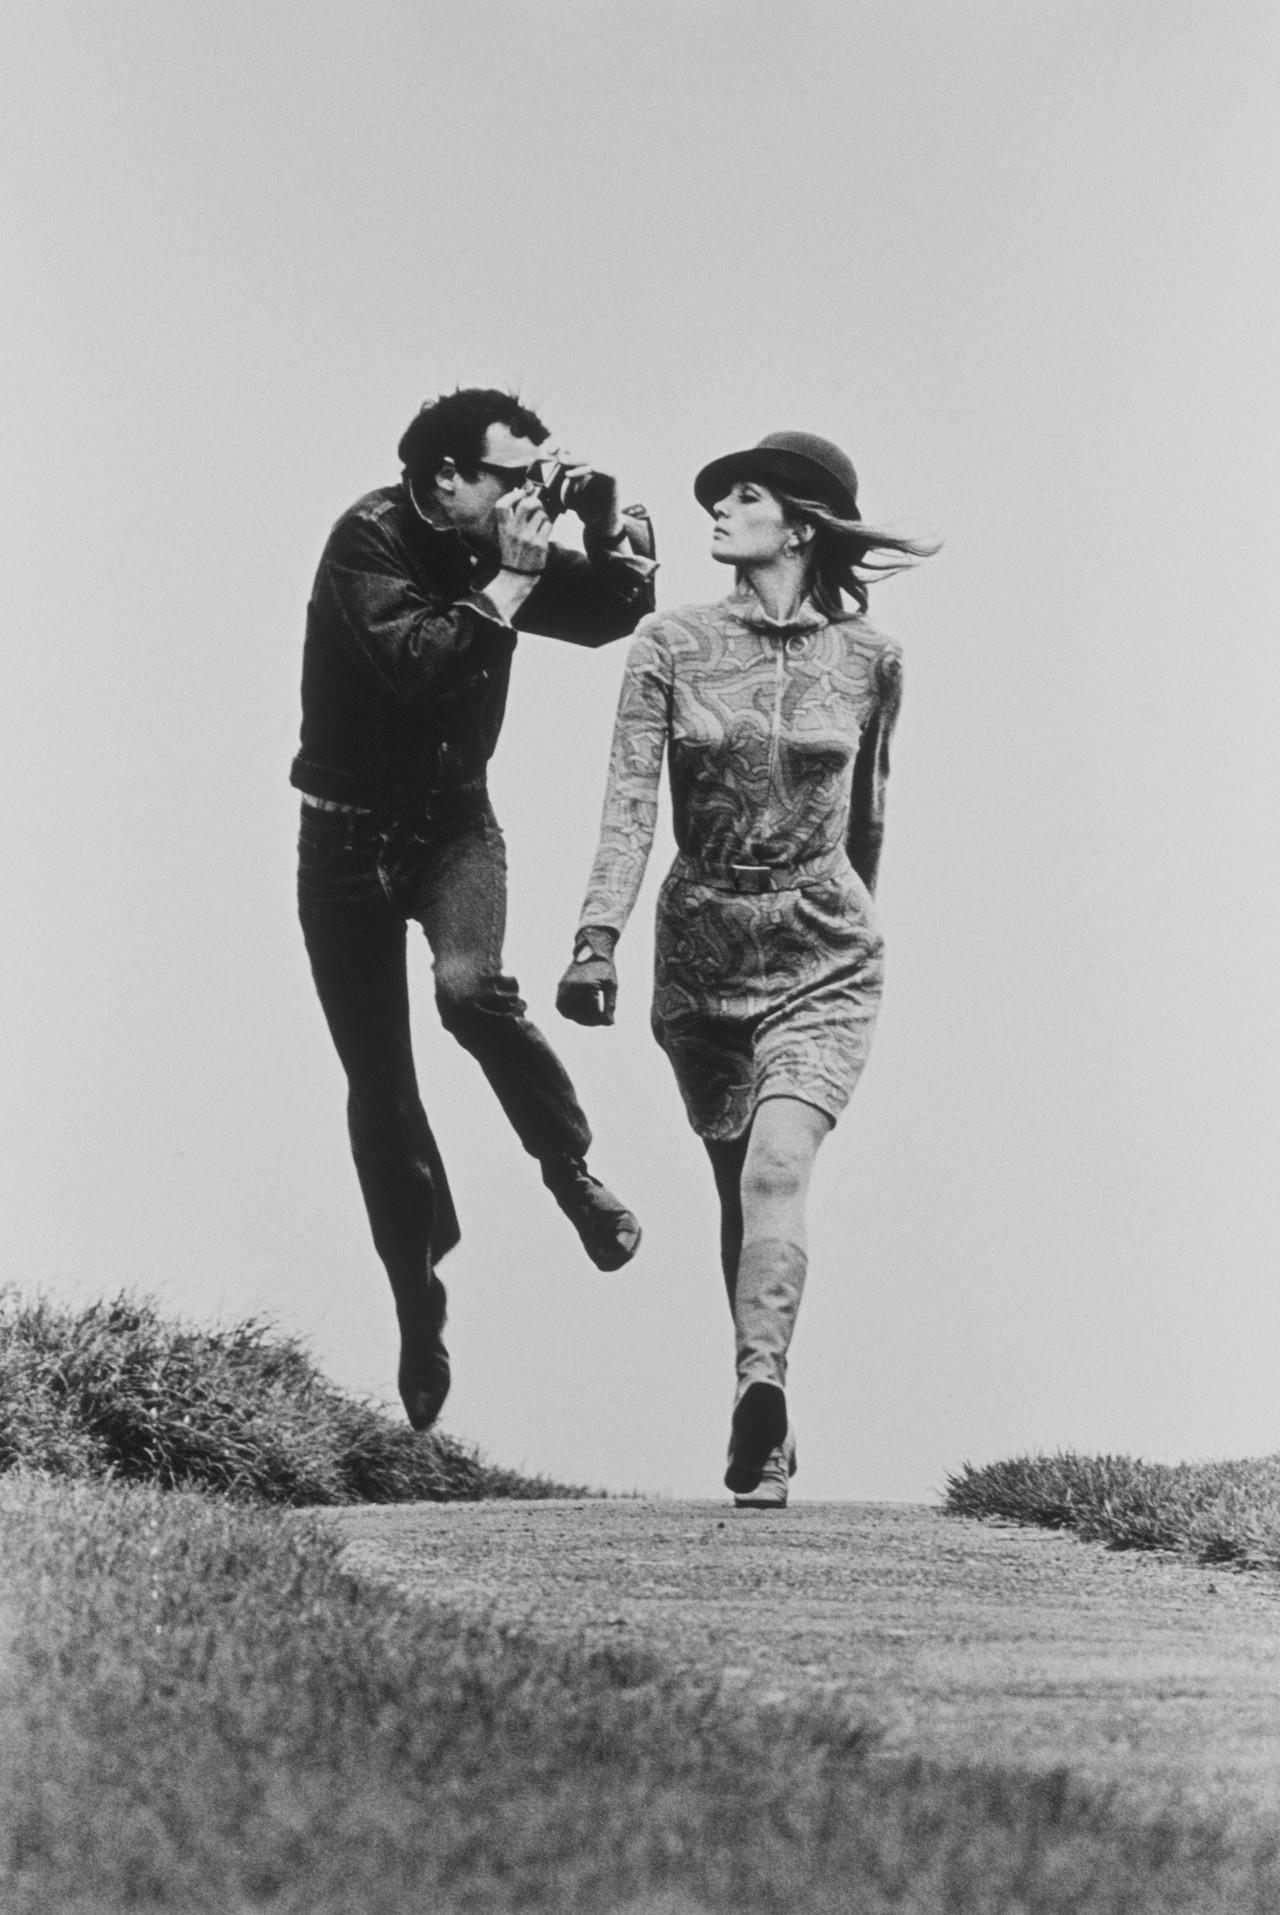 Съёмка в движении, British Vogue, ок. 1967. Фотограф Хельмут Ньютон